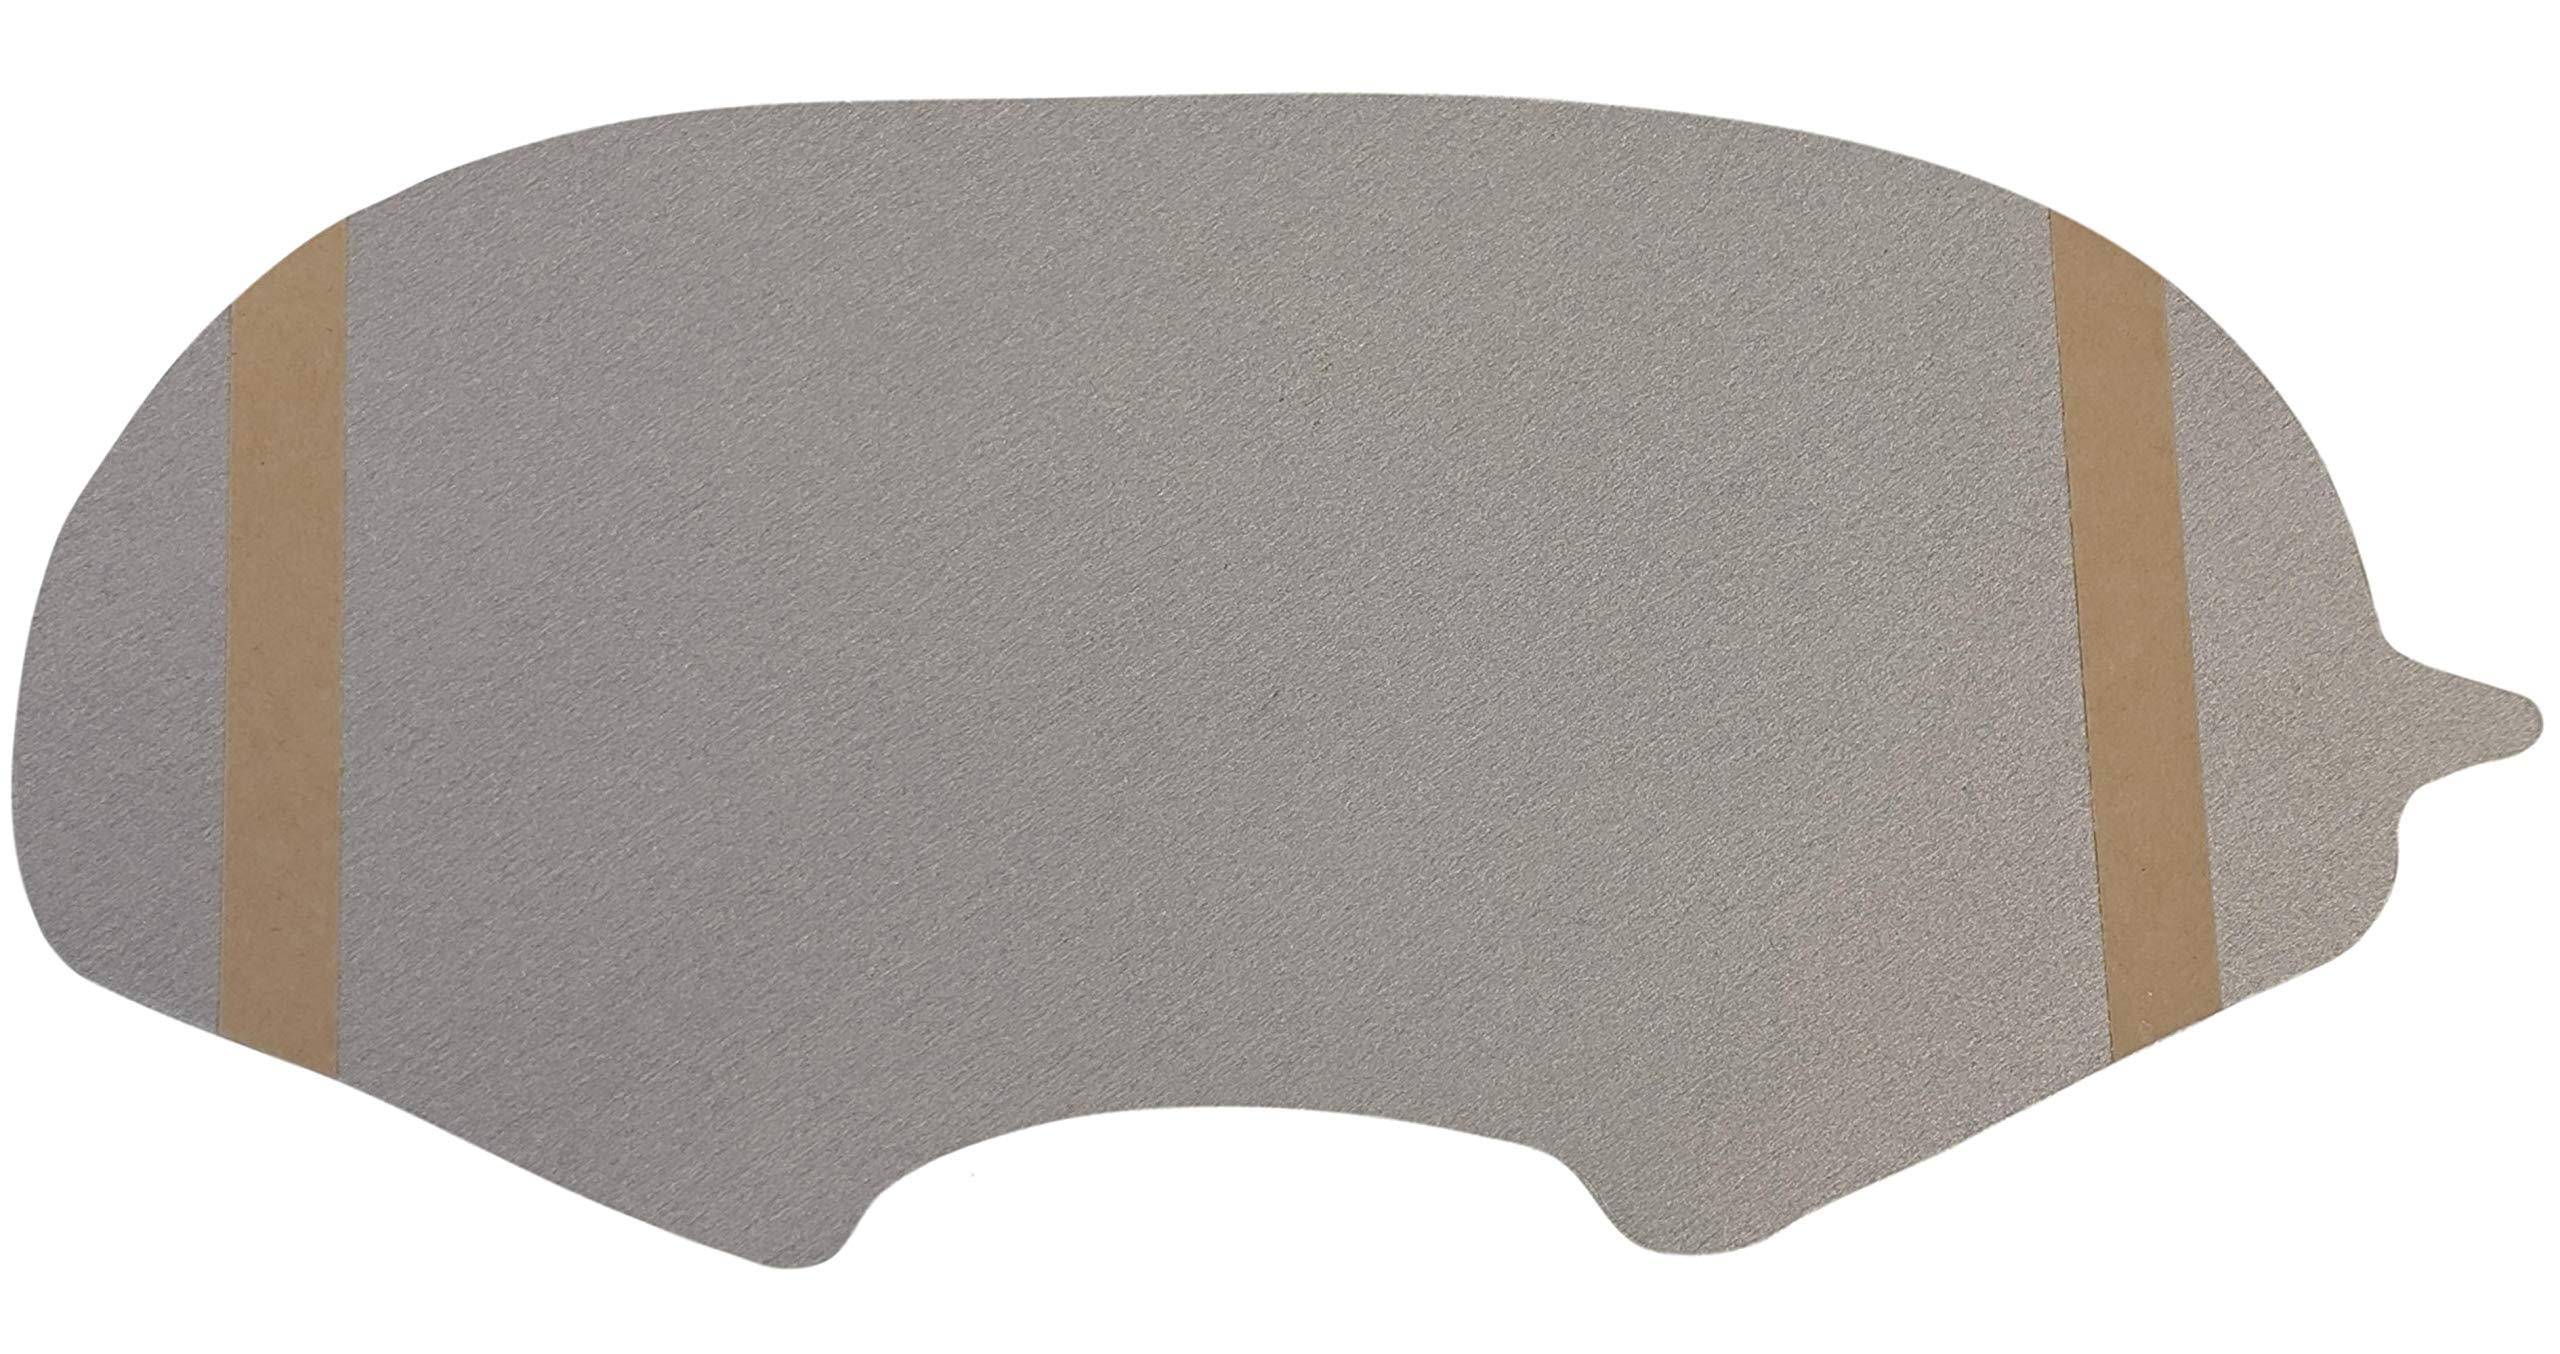 SlagelFoam Lens Cover 9901, Mask Protector (pack of 25) by SlagelFoam